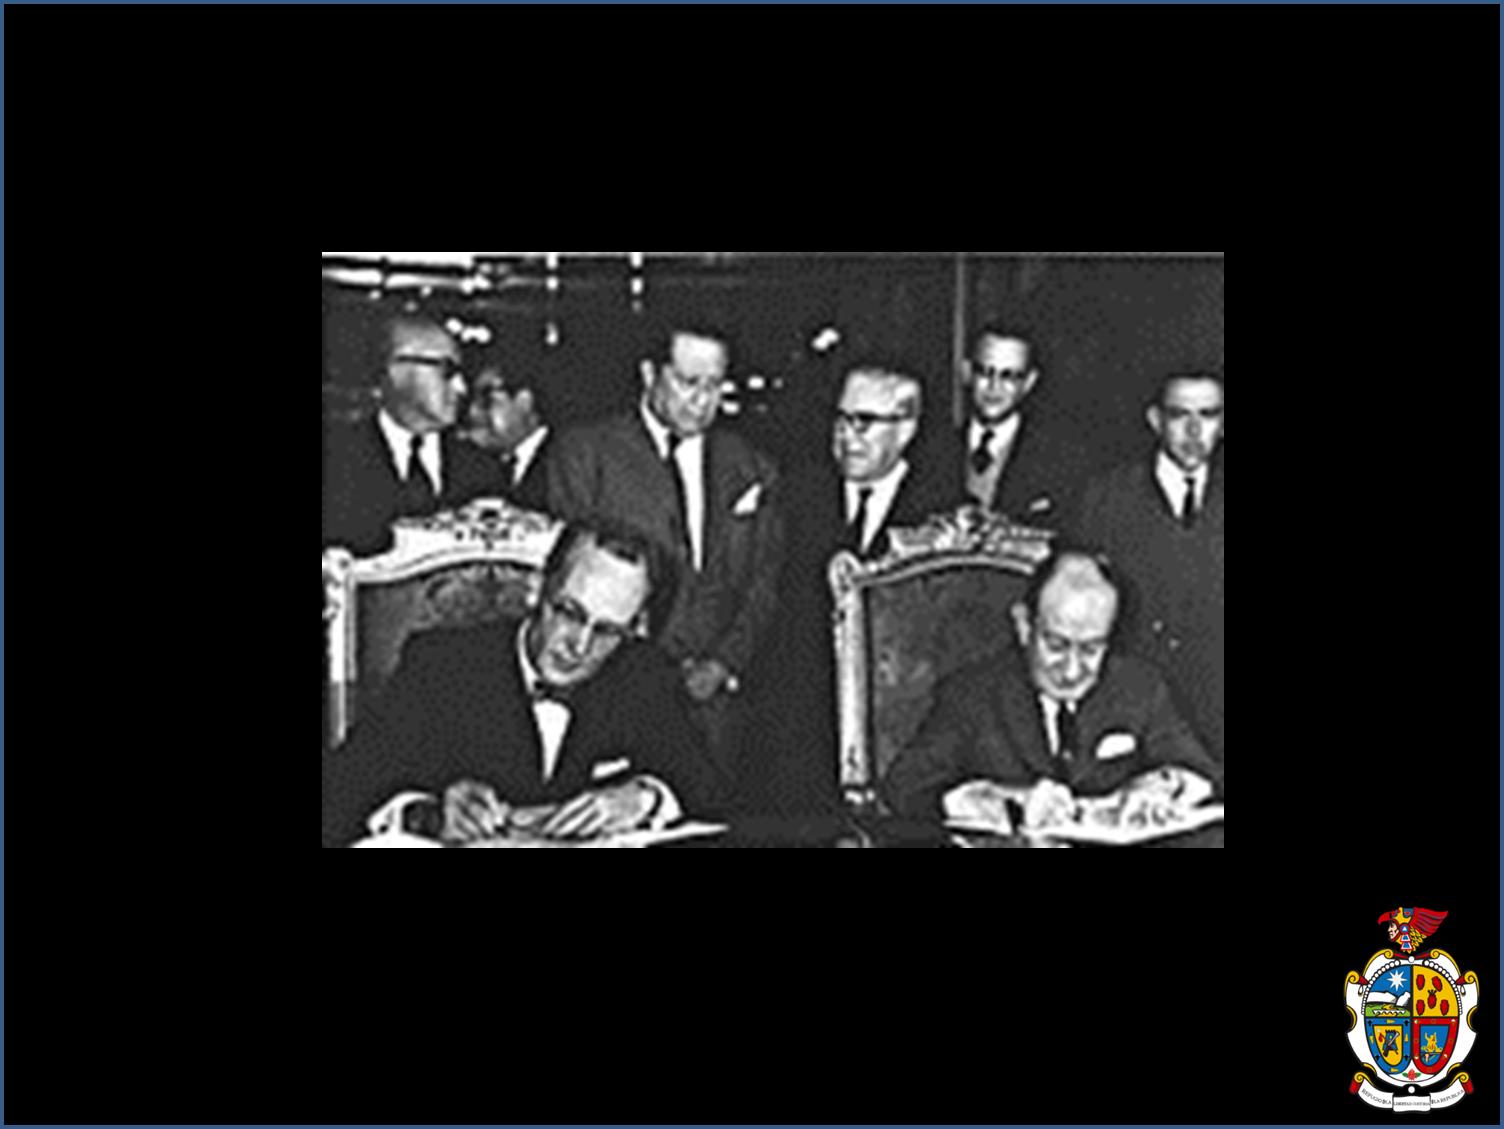 TURISMO EN CIUDAD JUÁREZ Te platica ¿En qué fecha se firma el Tratado para regresar a México el Chamizal? En 1963 el embajador de Estados Unidos en México, Thomas C. Mann y el Secretario de Relaciones Exteriores de México, Manuel Tello Baurraud firman el Tratado del Chamizal en la Ciudad de México. www.turismoenchihuahua.com